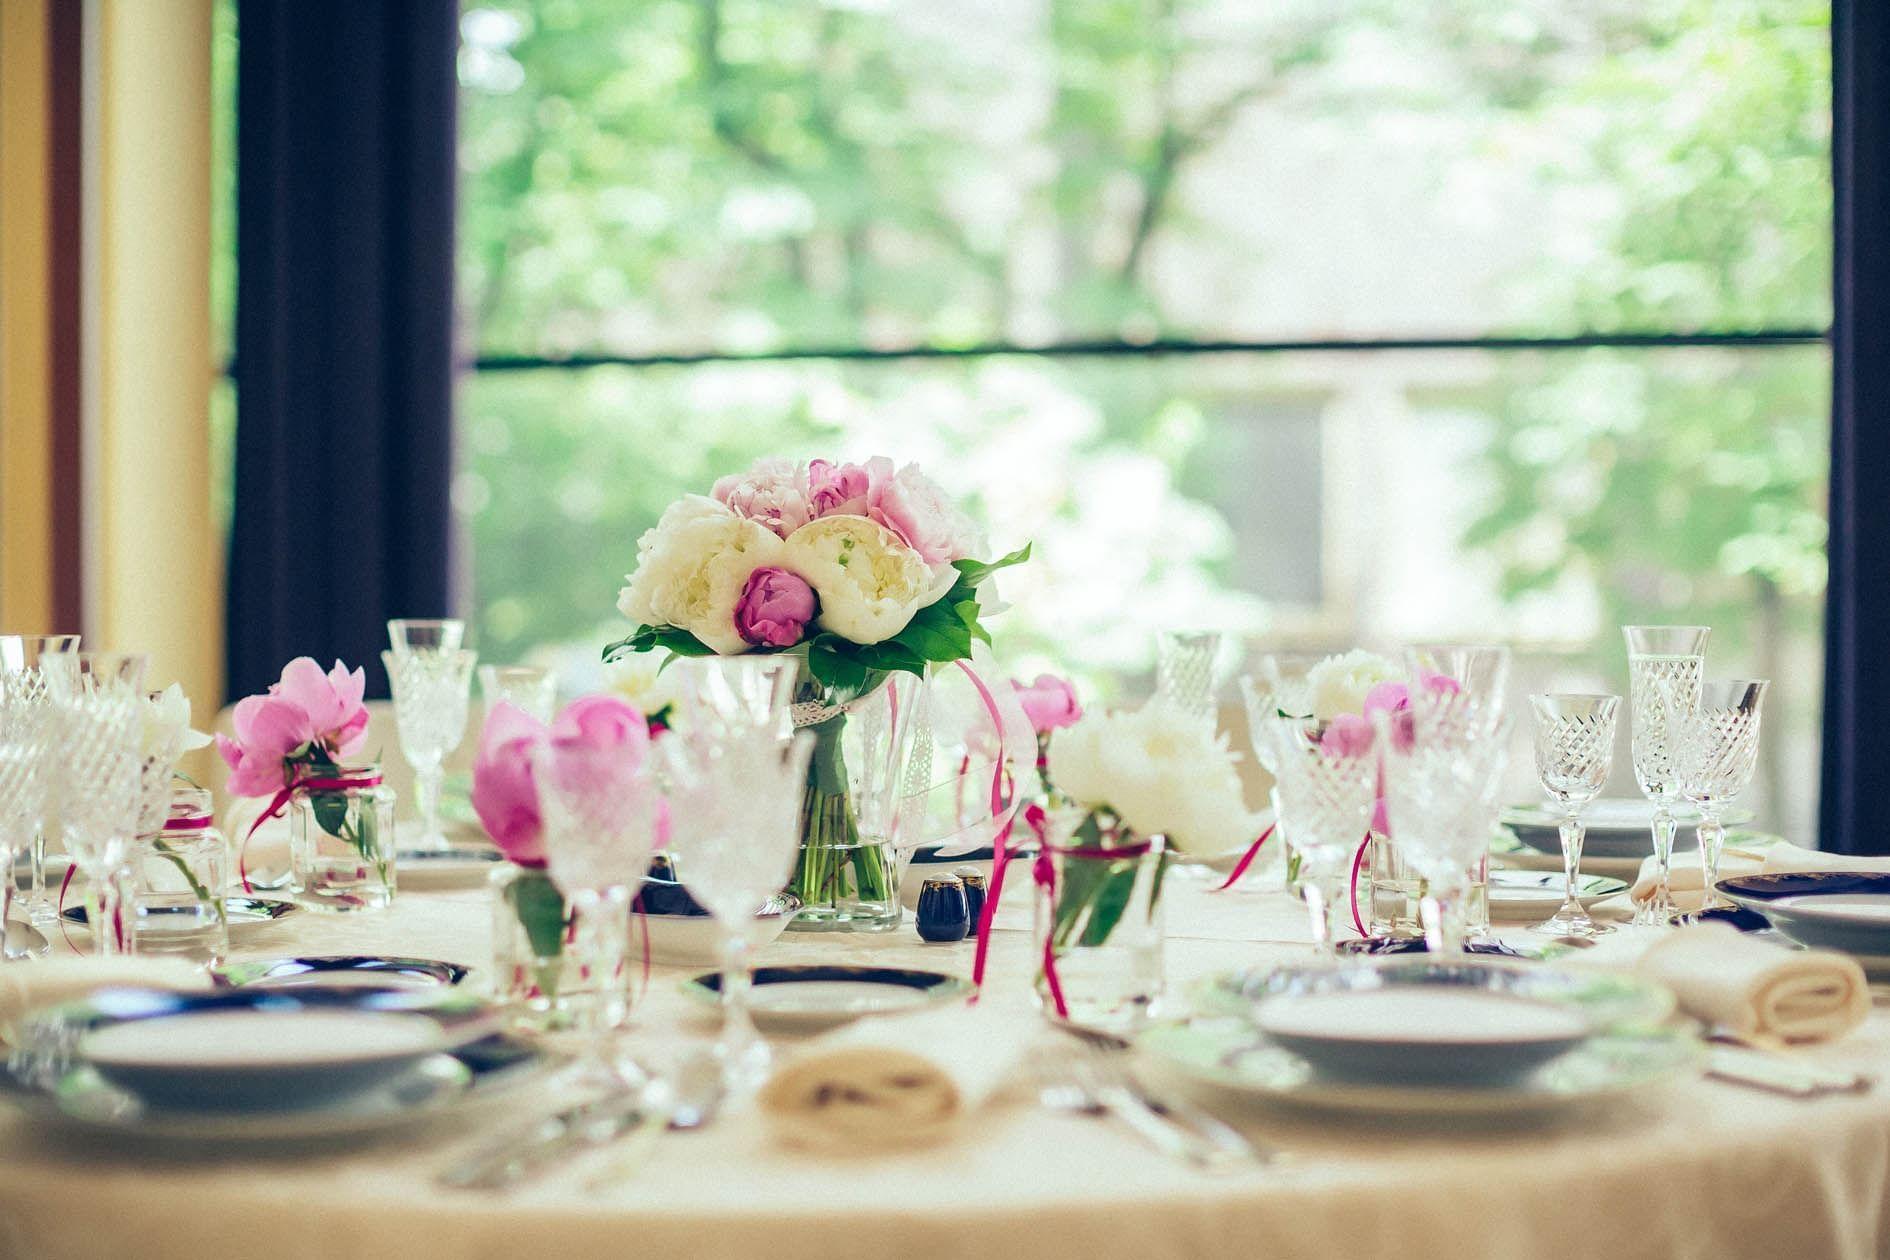 Wedding cutlery at Grand Hotel Union in Ljubljana